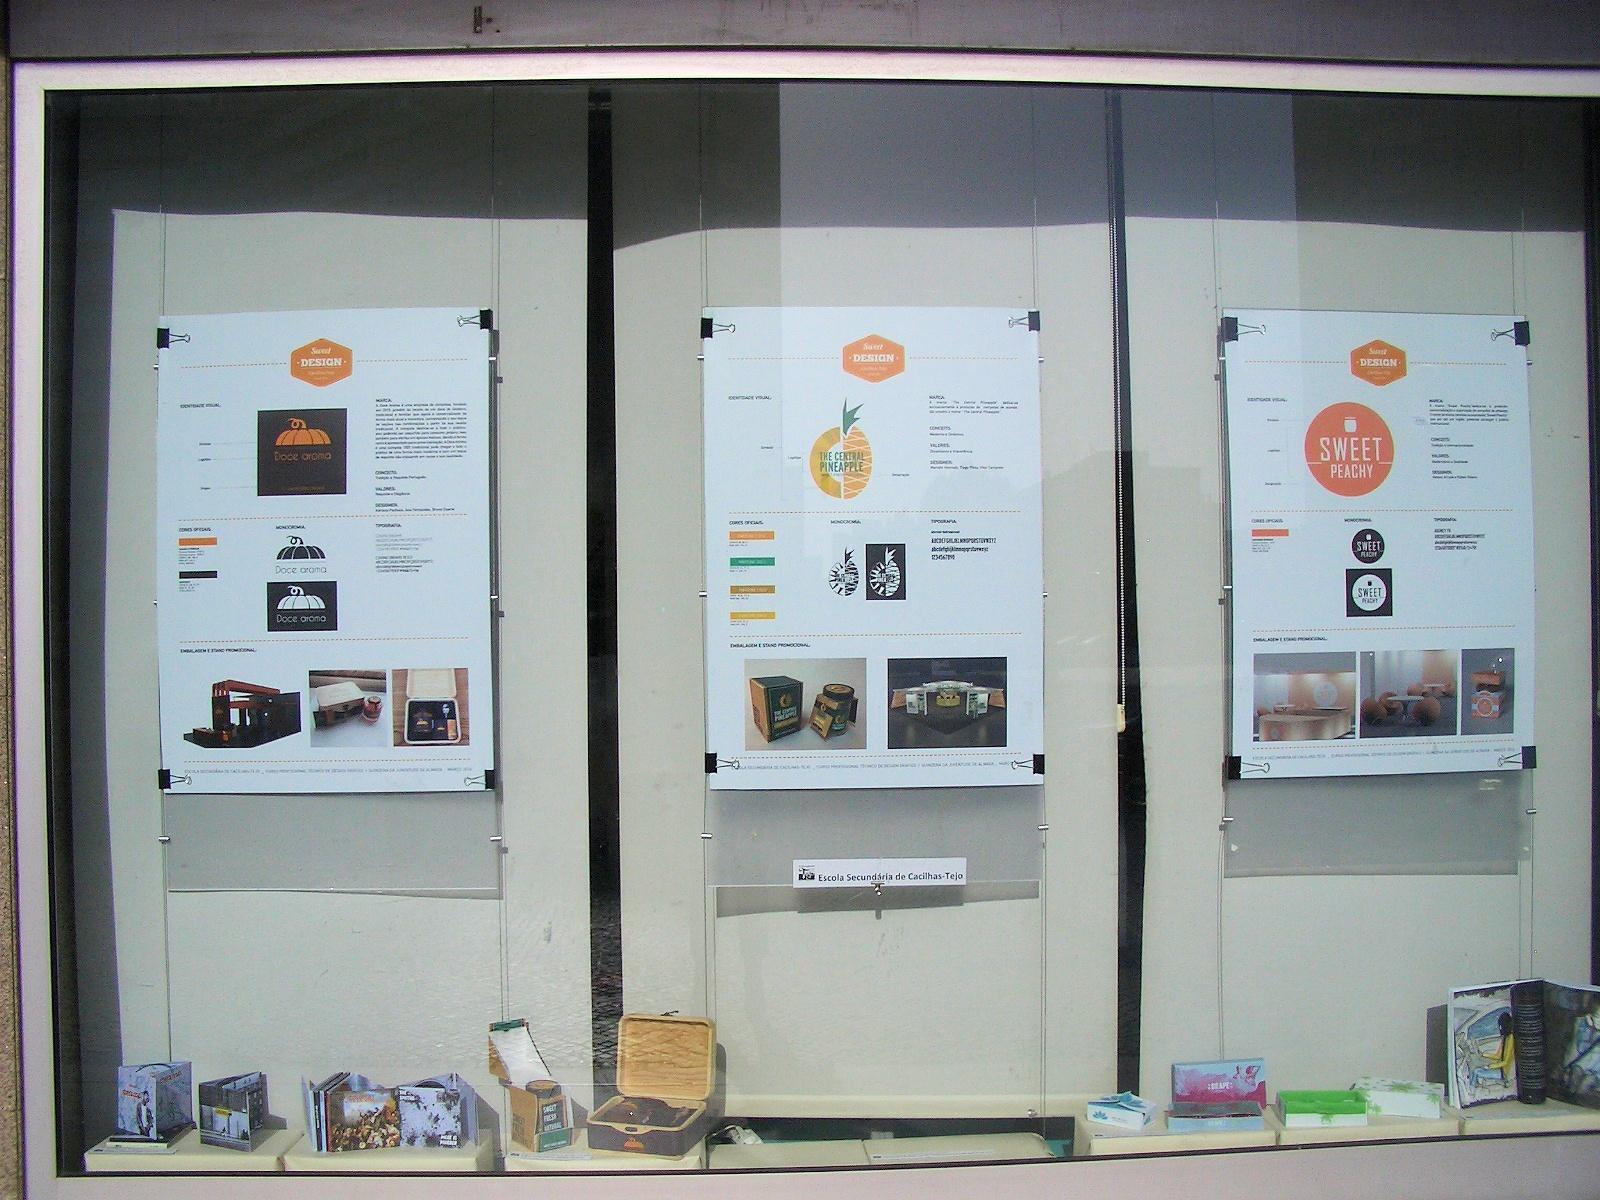 Exposição de trabalhos organizada pela Escola Secundária Cacilhas – Tejo